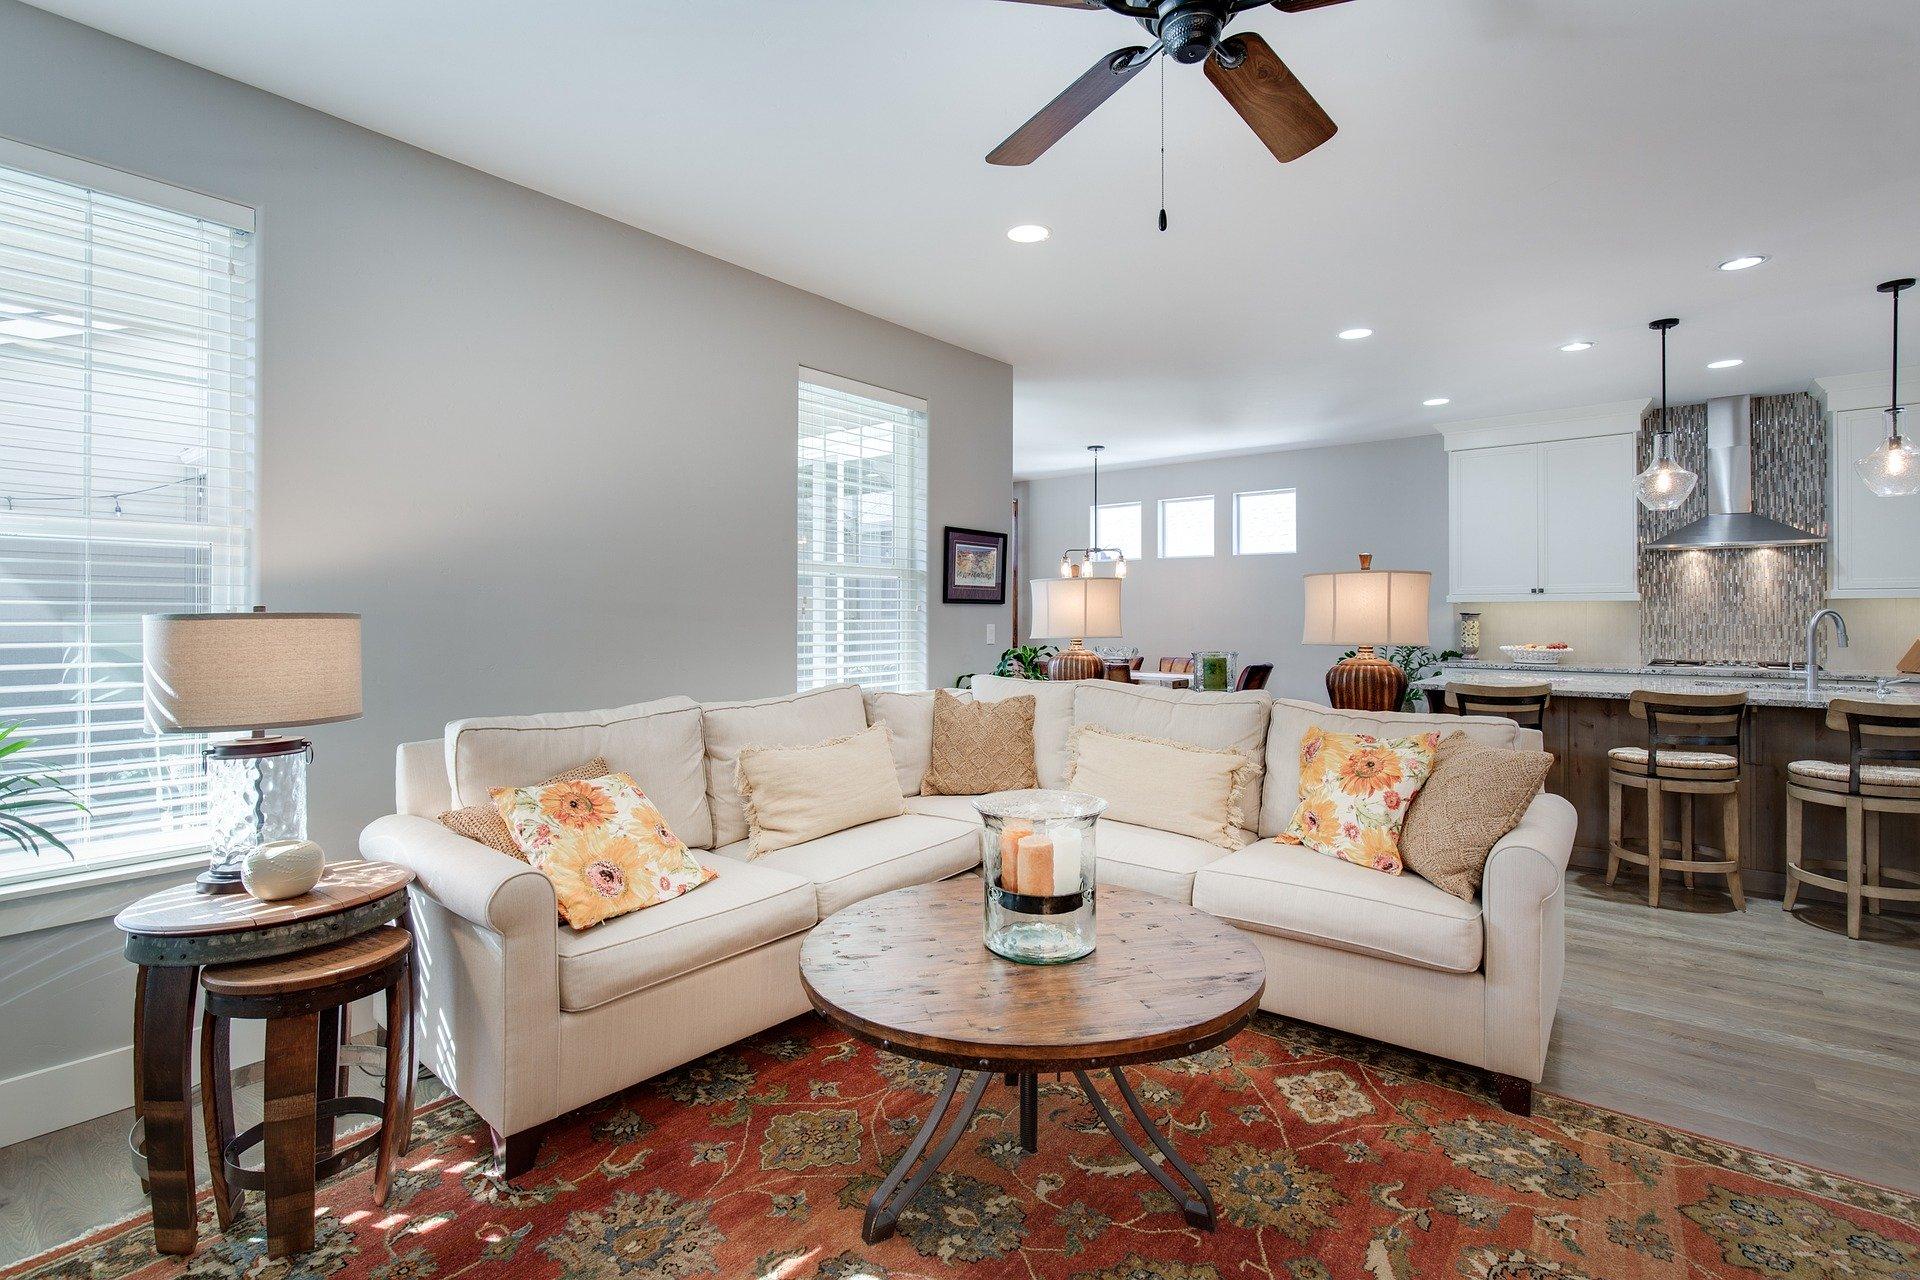 从设计到装饰搭配轻奢家具满足一切品质要求